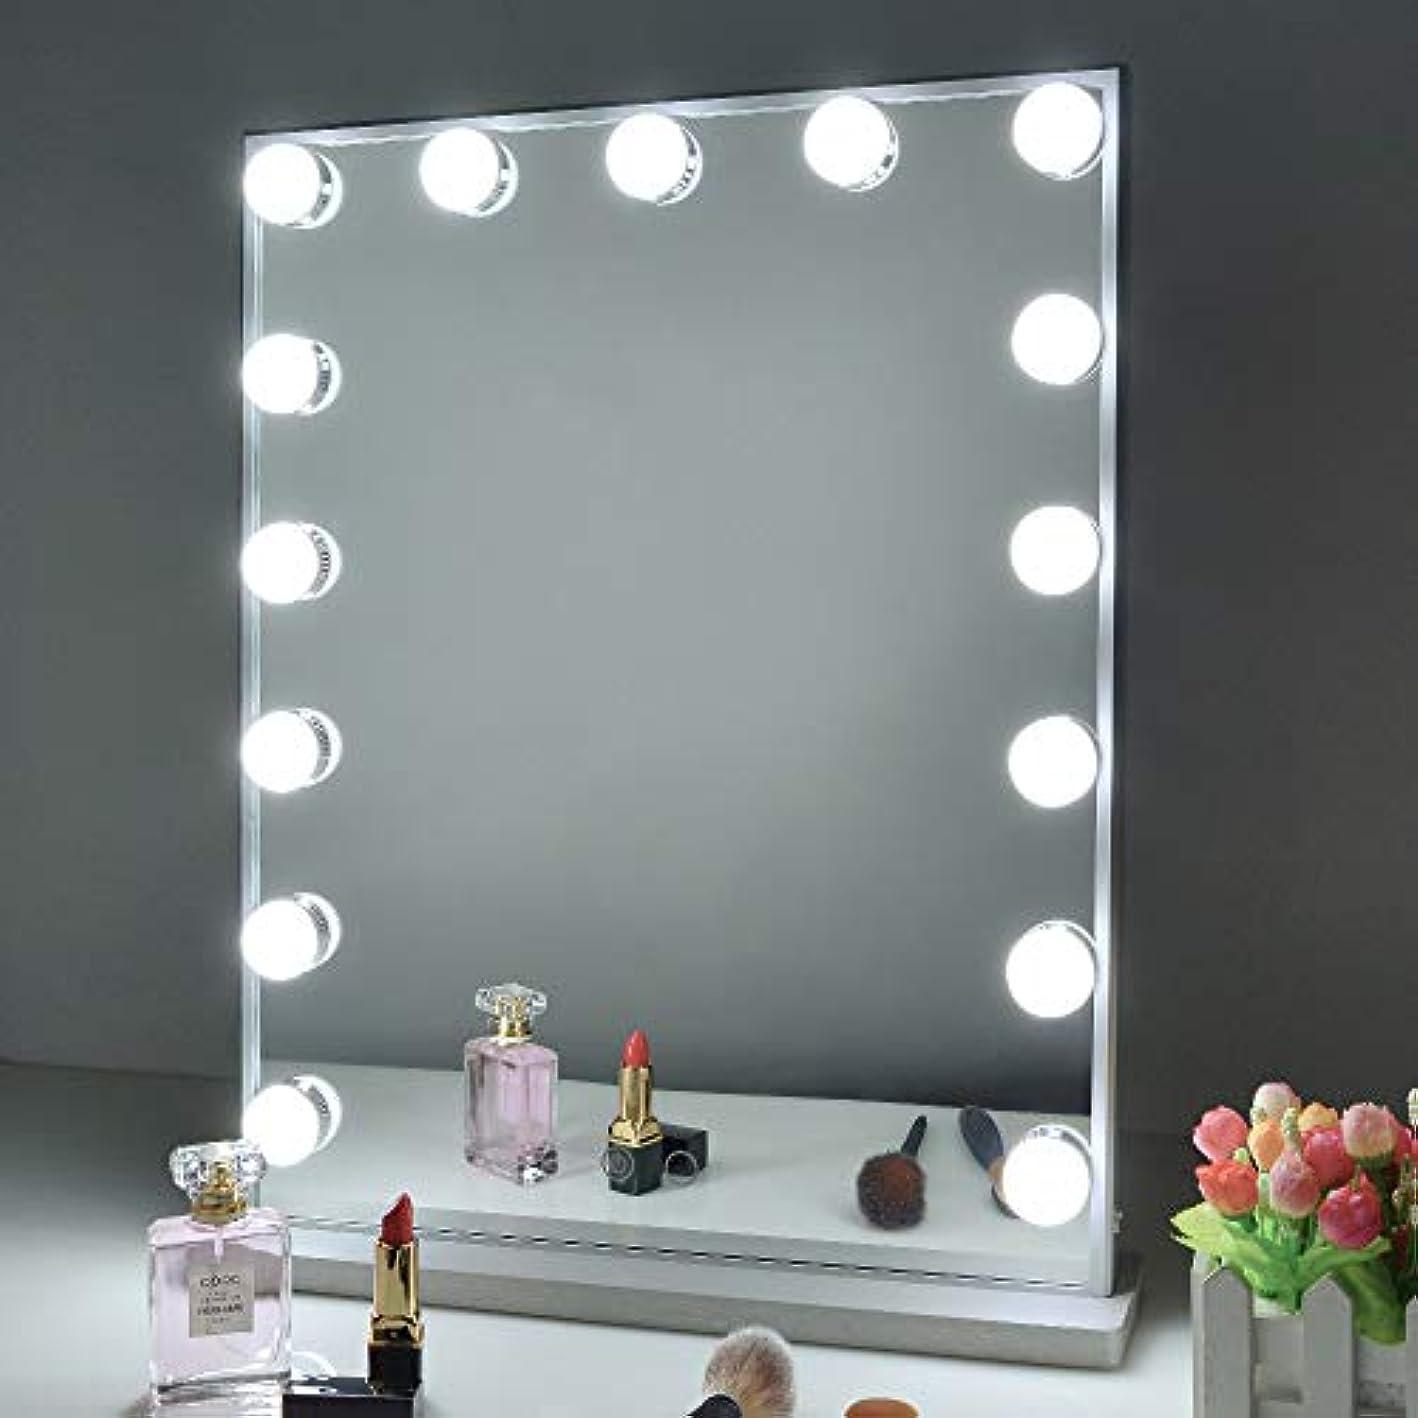 奨励します概してサロンWonstart 女優ミラー led化粧鏡 ハリウッドミラー 15個LED電球付き 寒色?暖色2色調光 明るさ調整可能 スタンド付き 卓上/壁掛け両用(シルバー)